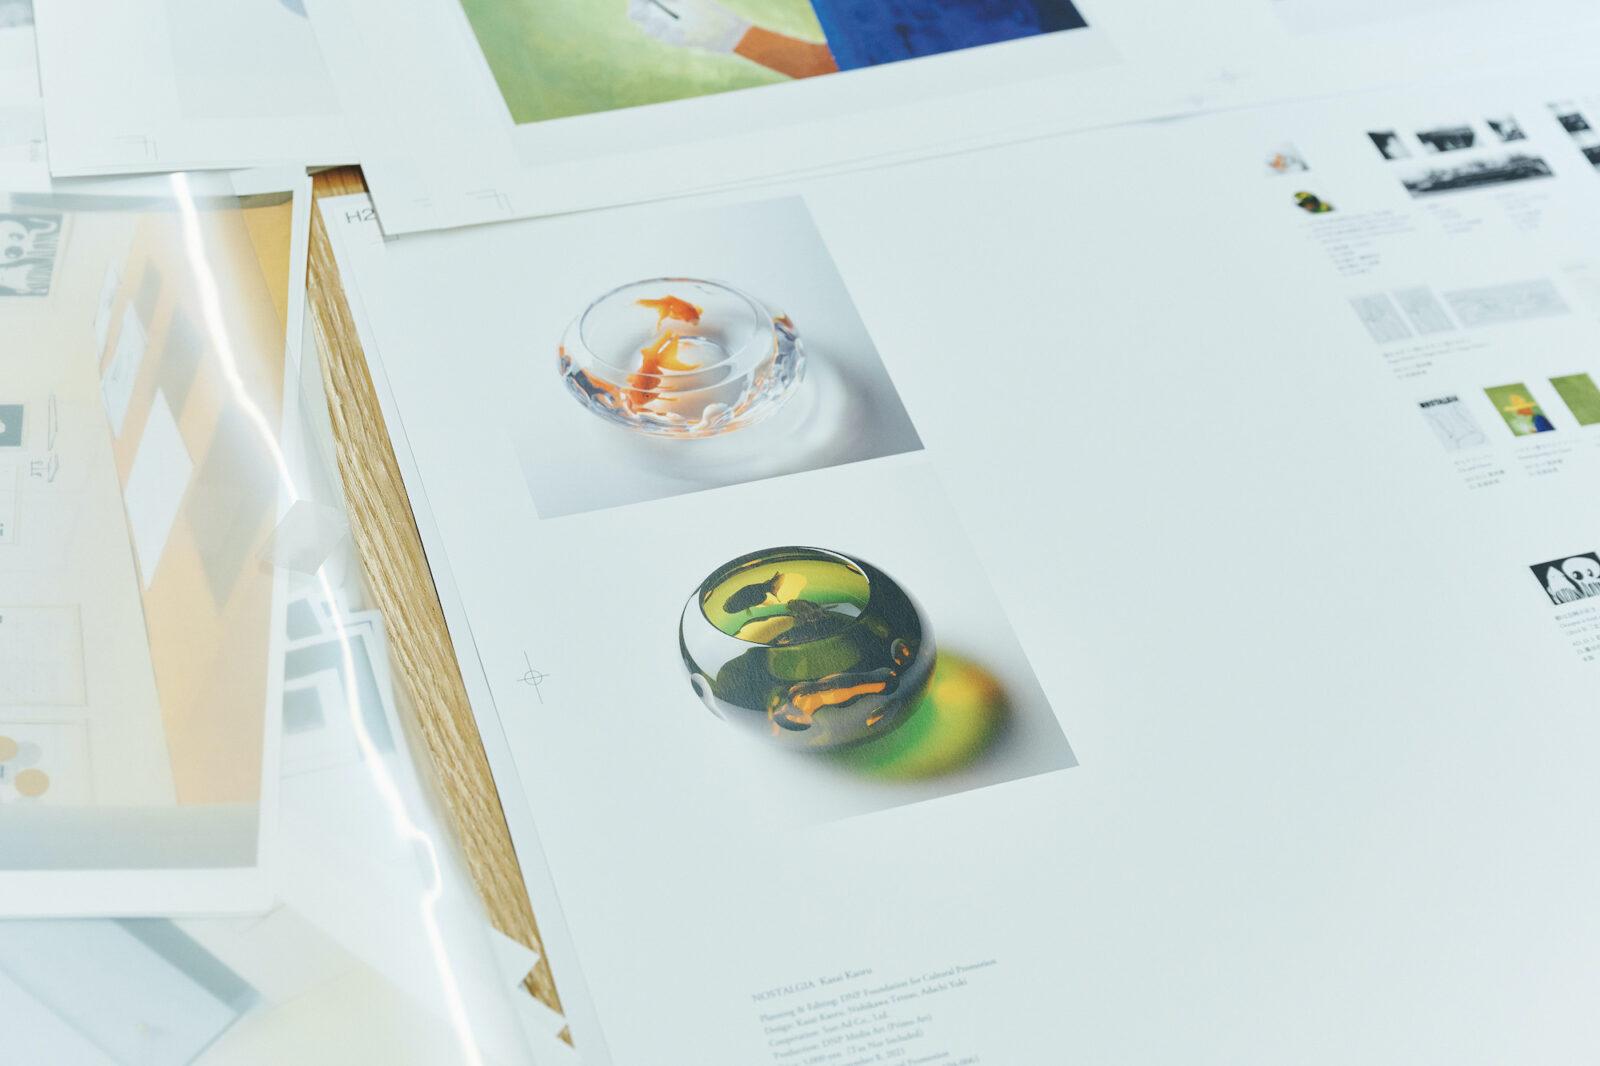 江戸切子「金魚朝」「金魚夕」。木本硝子のプロジェクトで江戸切子の職人2人とコラボレーションした金魚鉢。